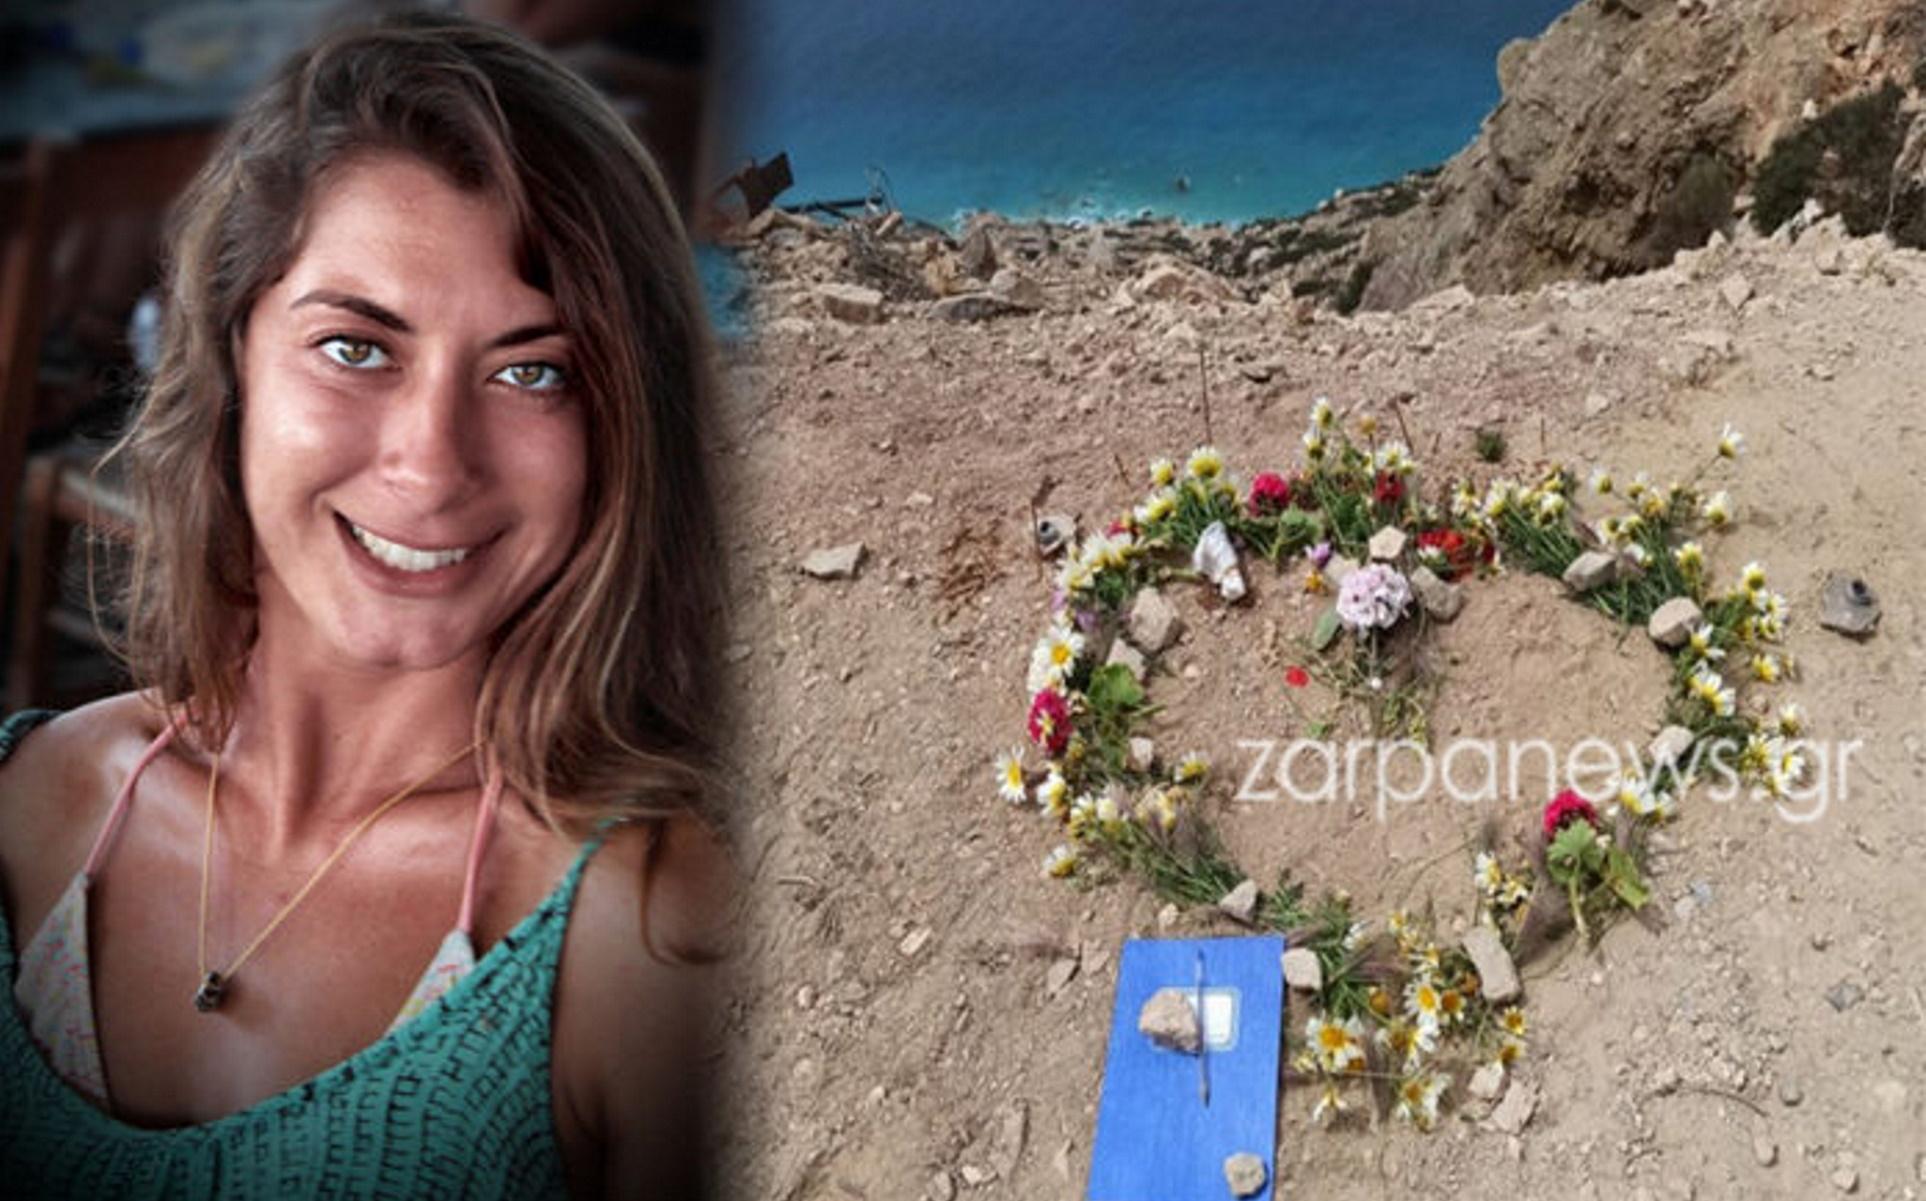 Αποκάλυψη: Τα γυρίζει ο 40χρονος για τον θάνατο της Κορίνας